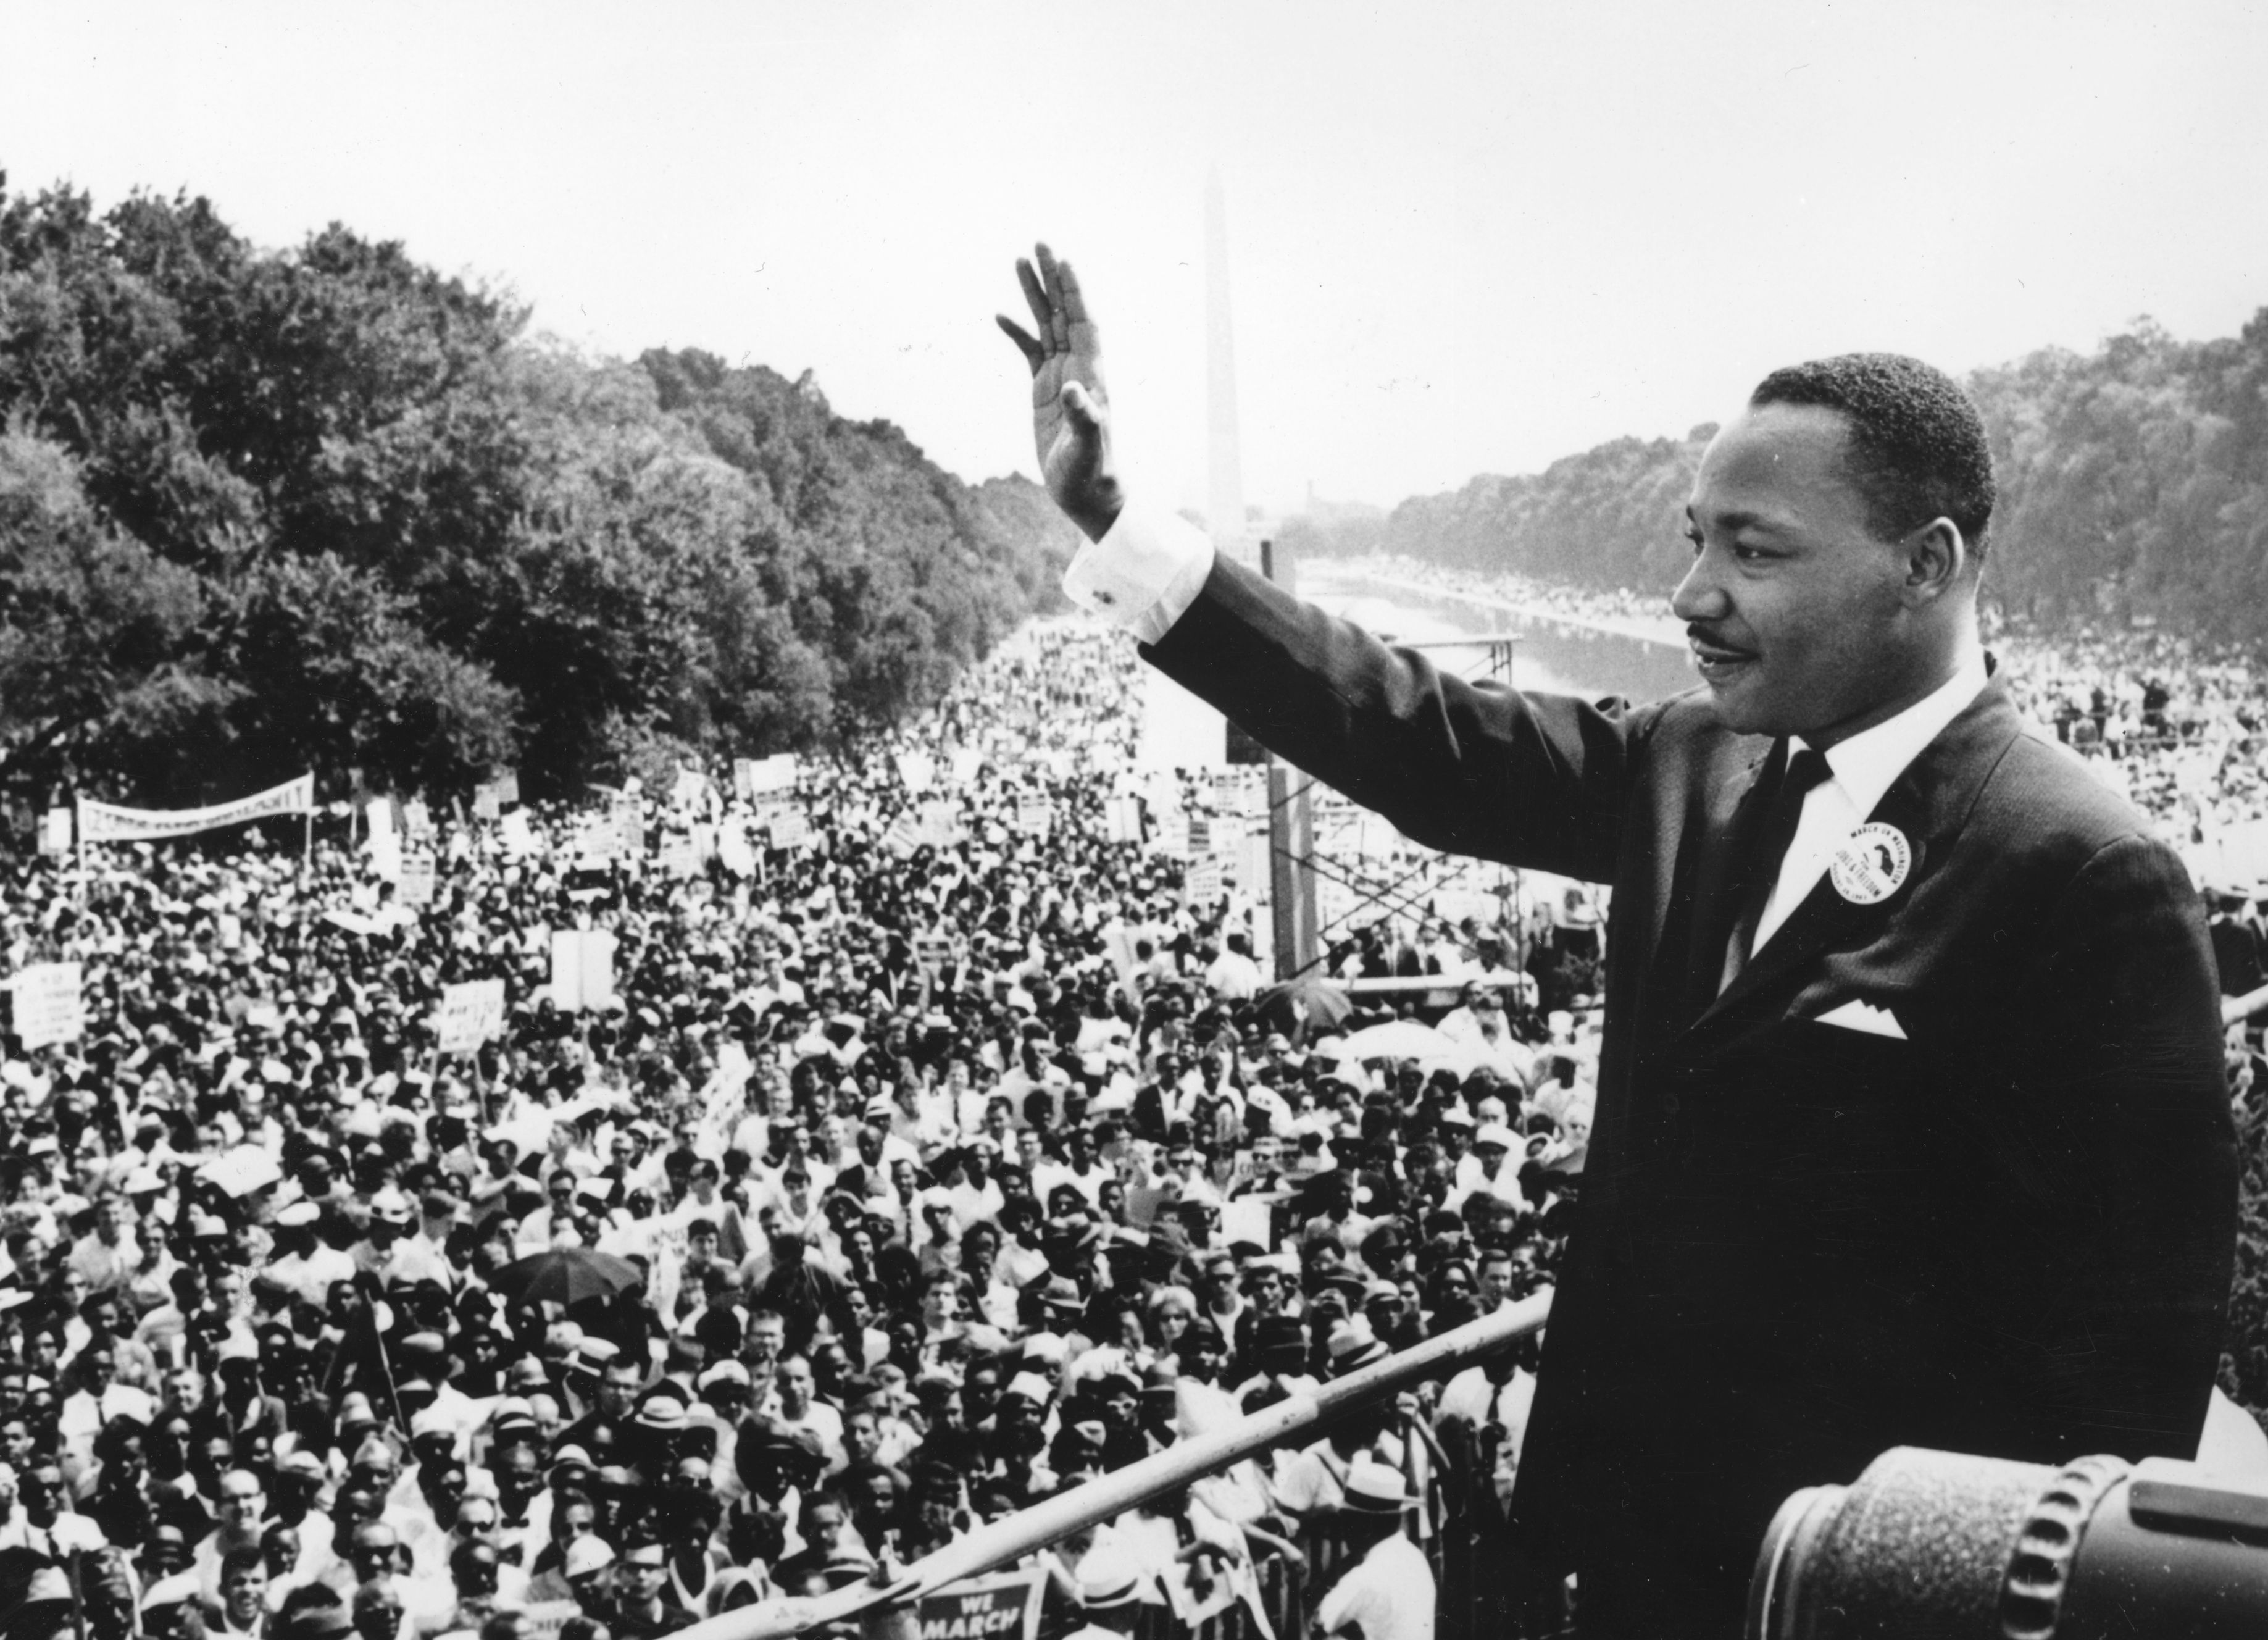 Arlington Dr. Martin Luther King, Jr. Celebration 2020